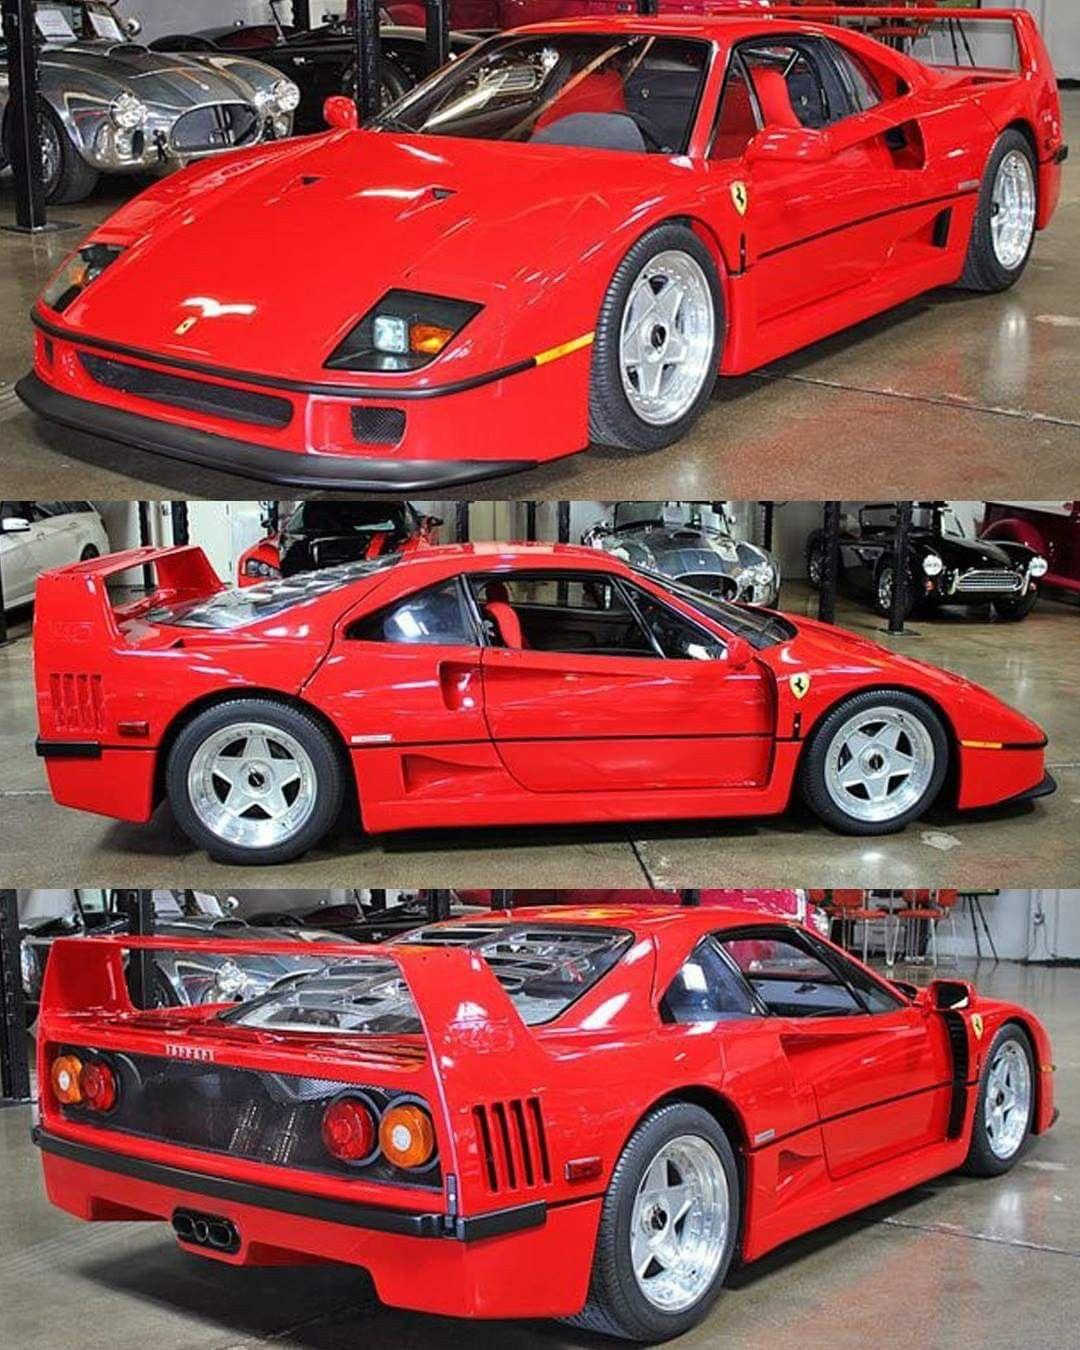 90 Ferrari F40 Dream Car Garage Cool Cars Super Cars